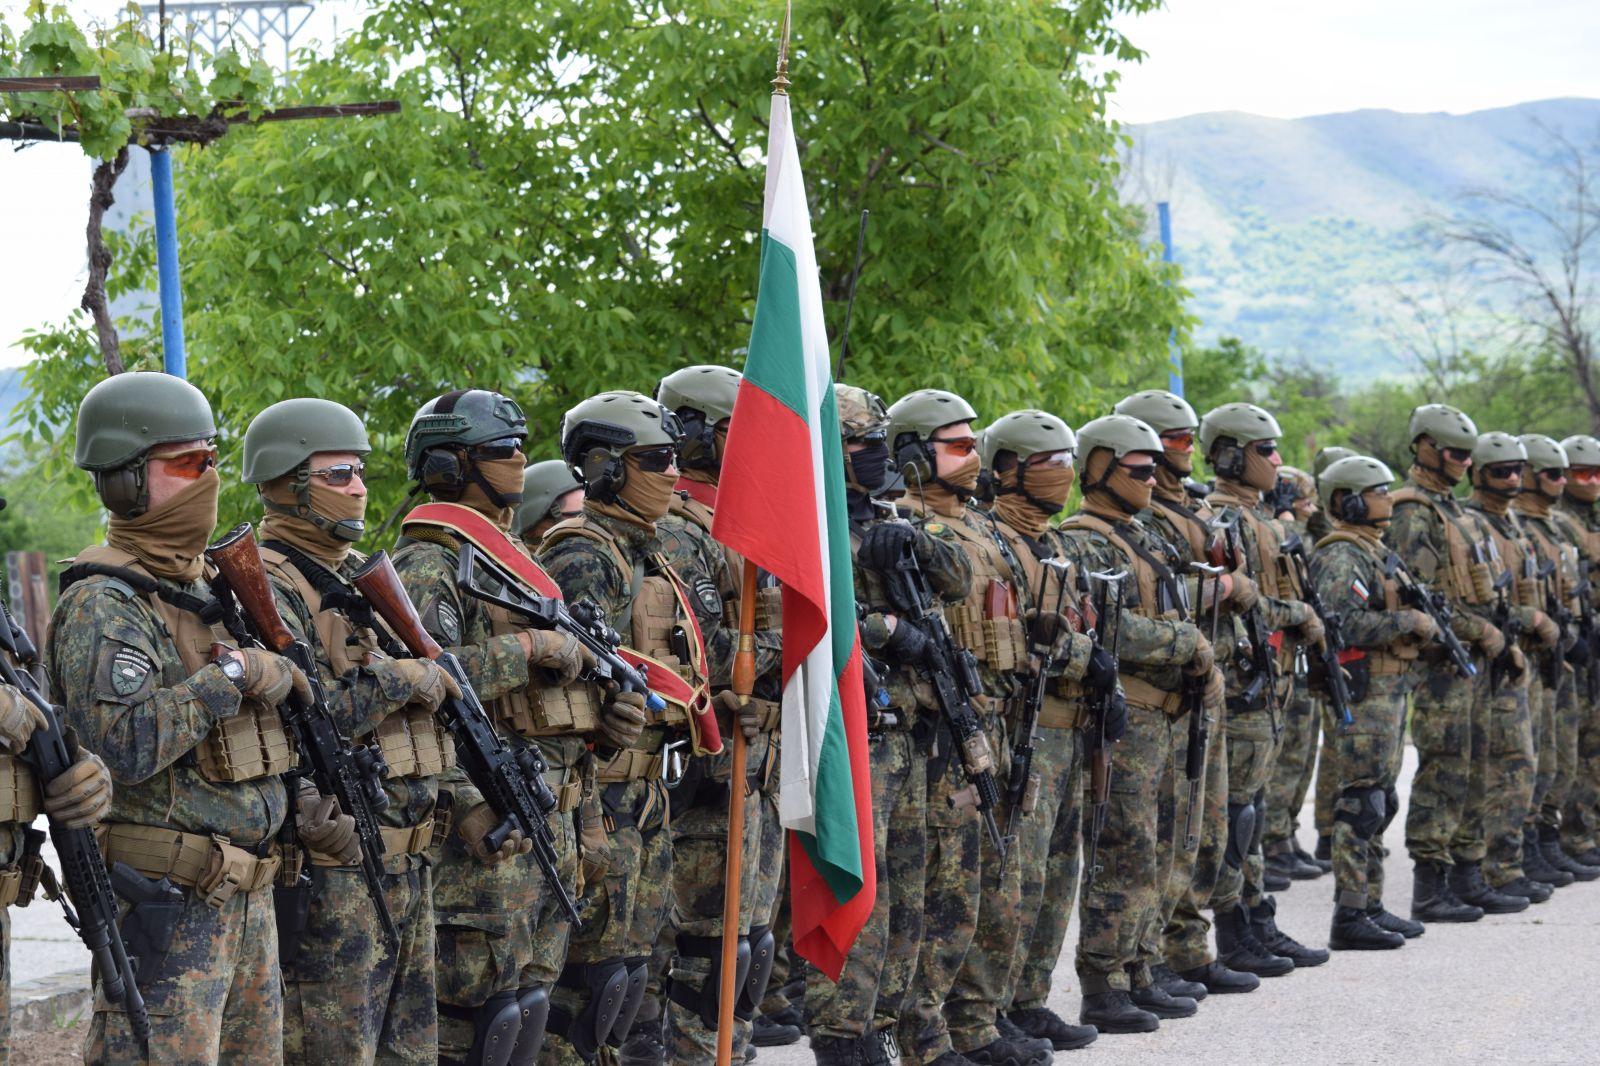 Обявен е нов конкурс за заемане на вакантни войнишки длъжности във военните формирования на СКСО в Пловдив (ГАЛЕРИЯ)